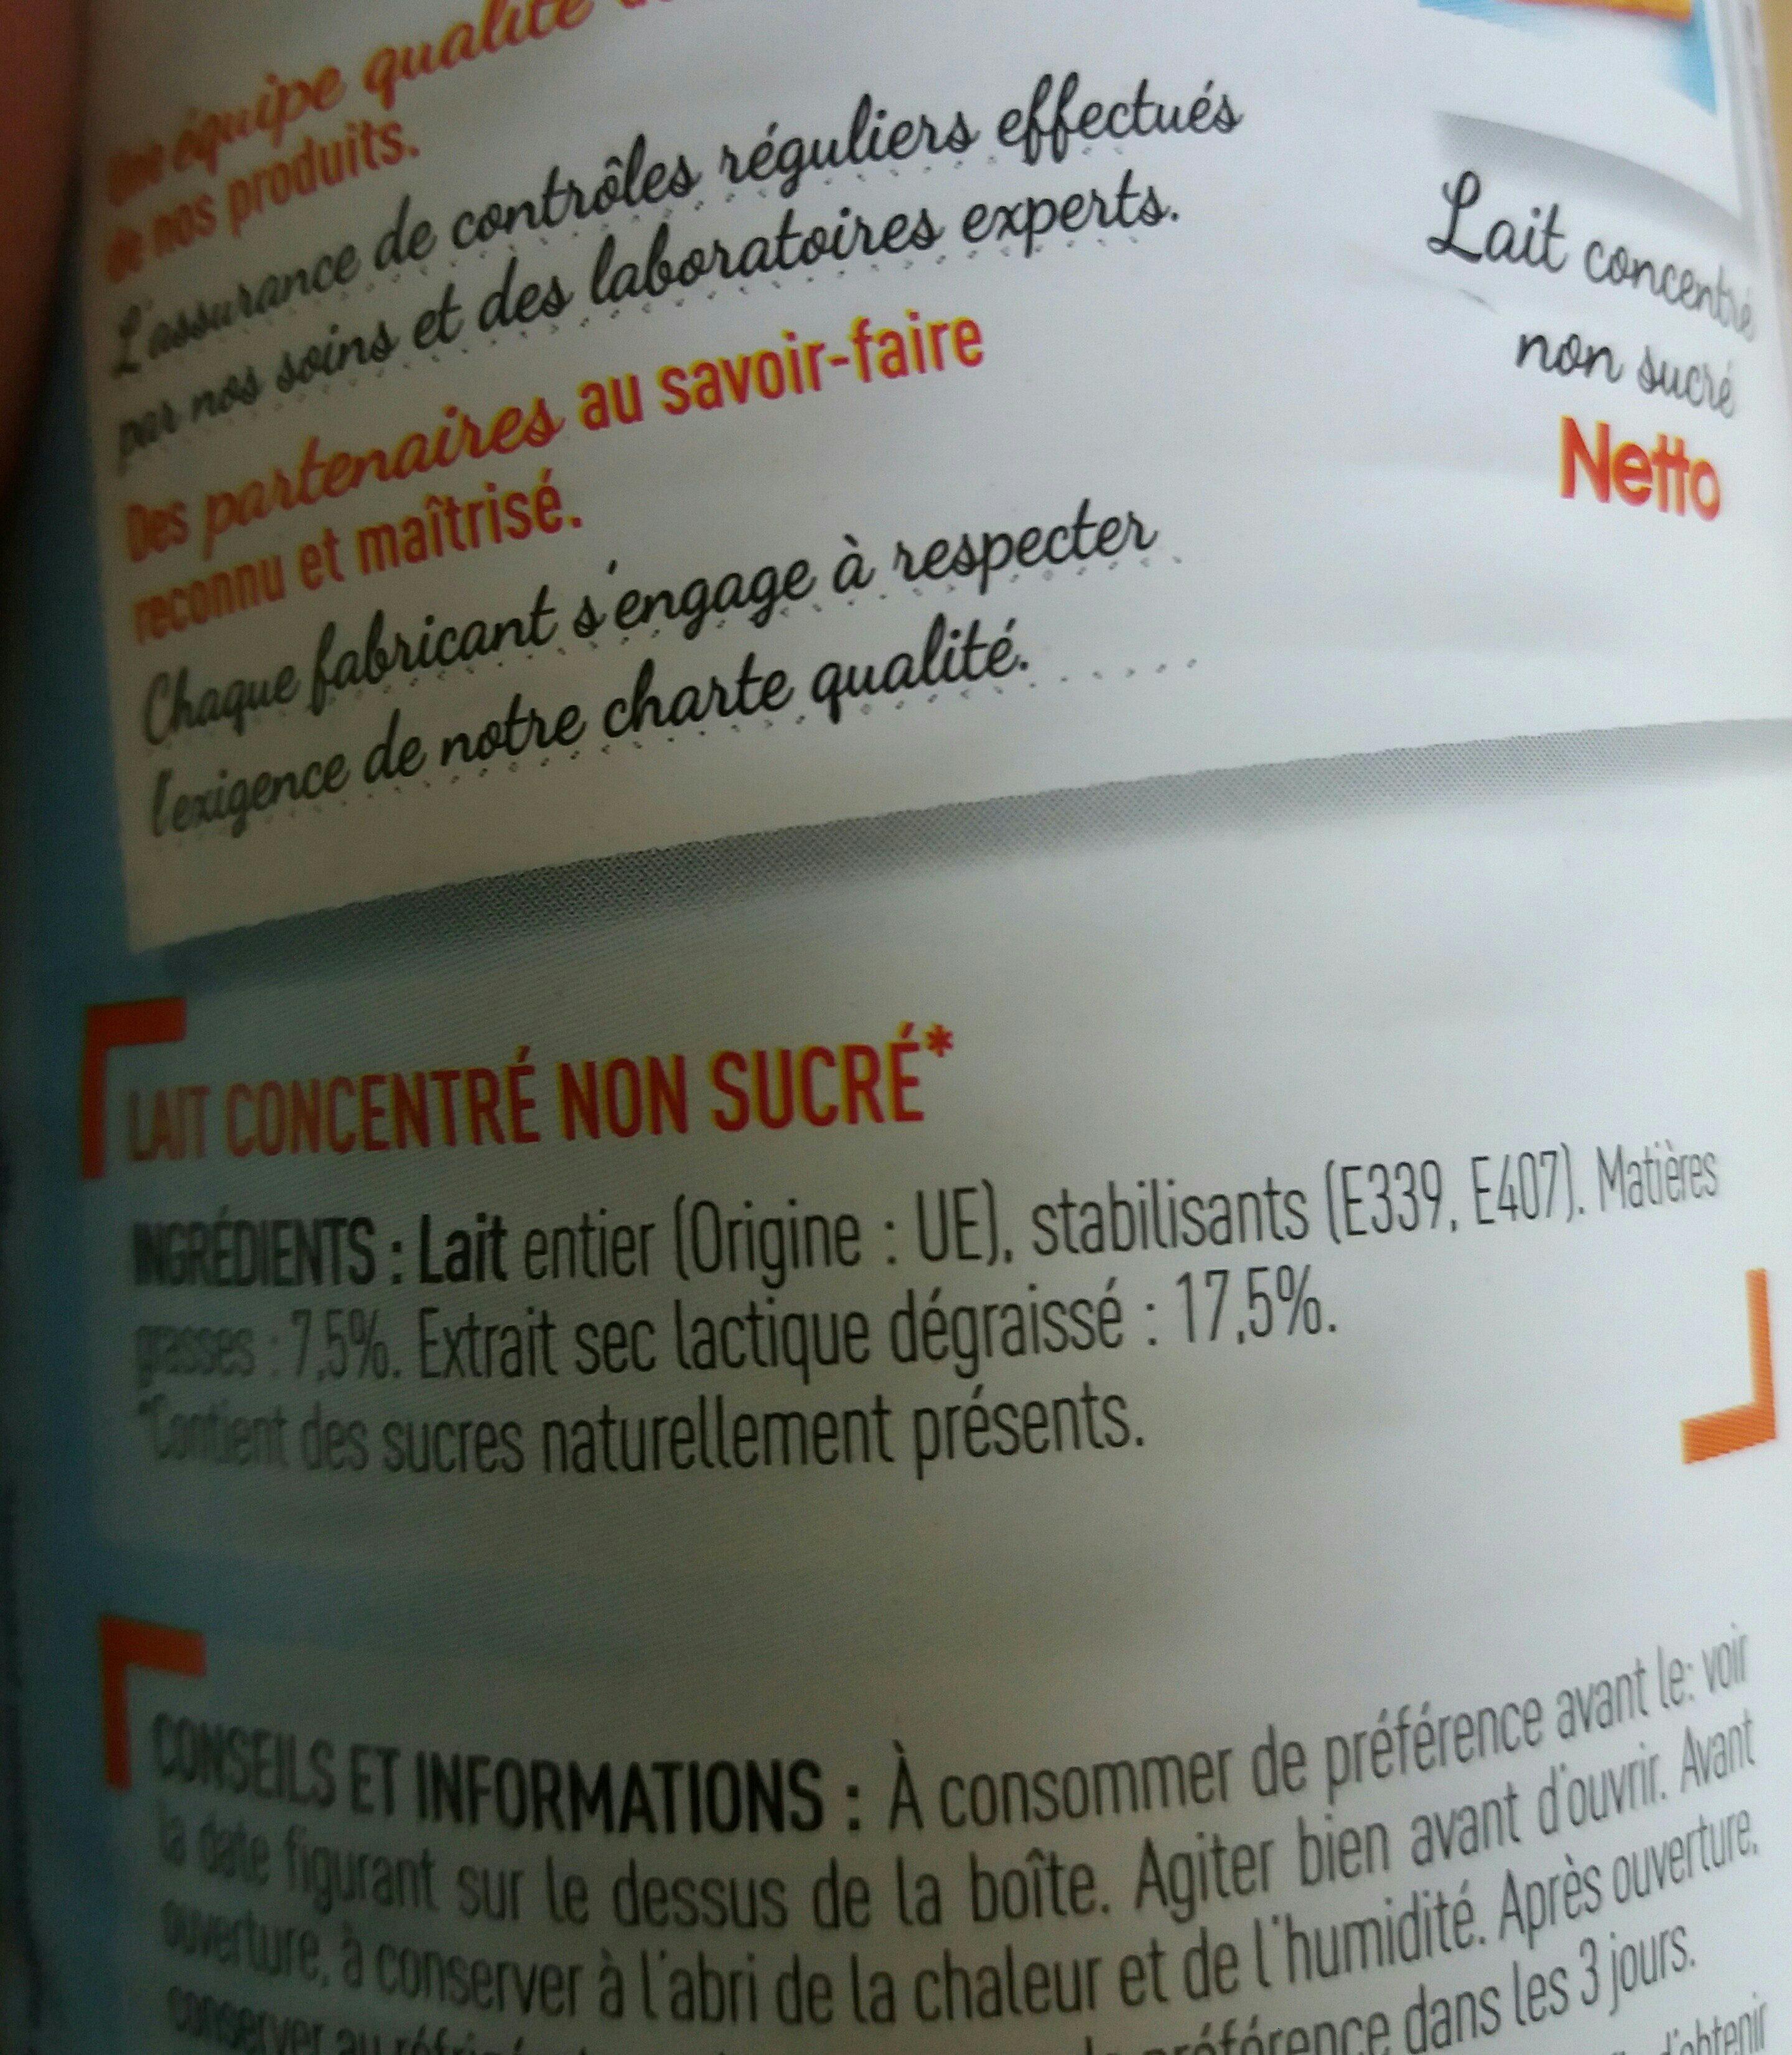 Lait Concentre Non Sucré - Ingredients